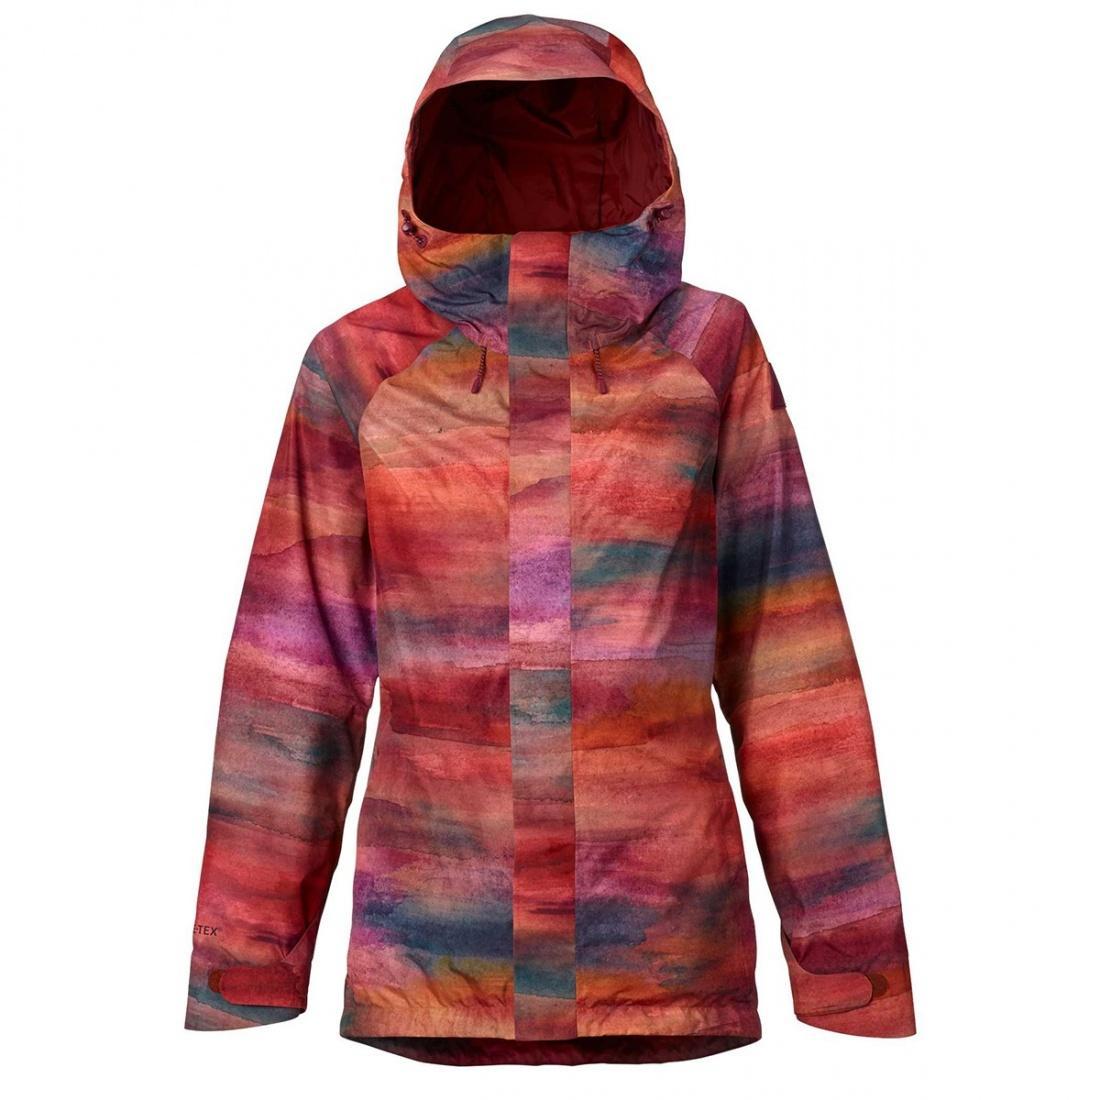 Куртка для сноуборда Burton Gore Rubix купить в Boardshop №1